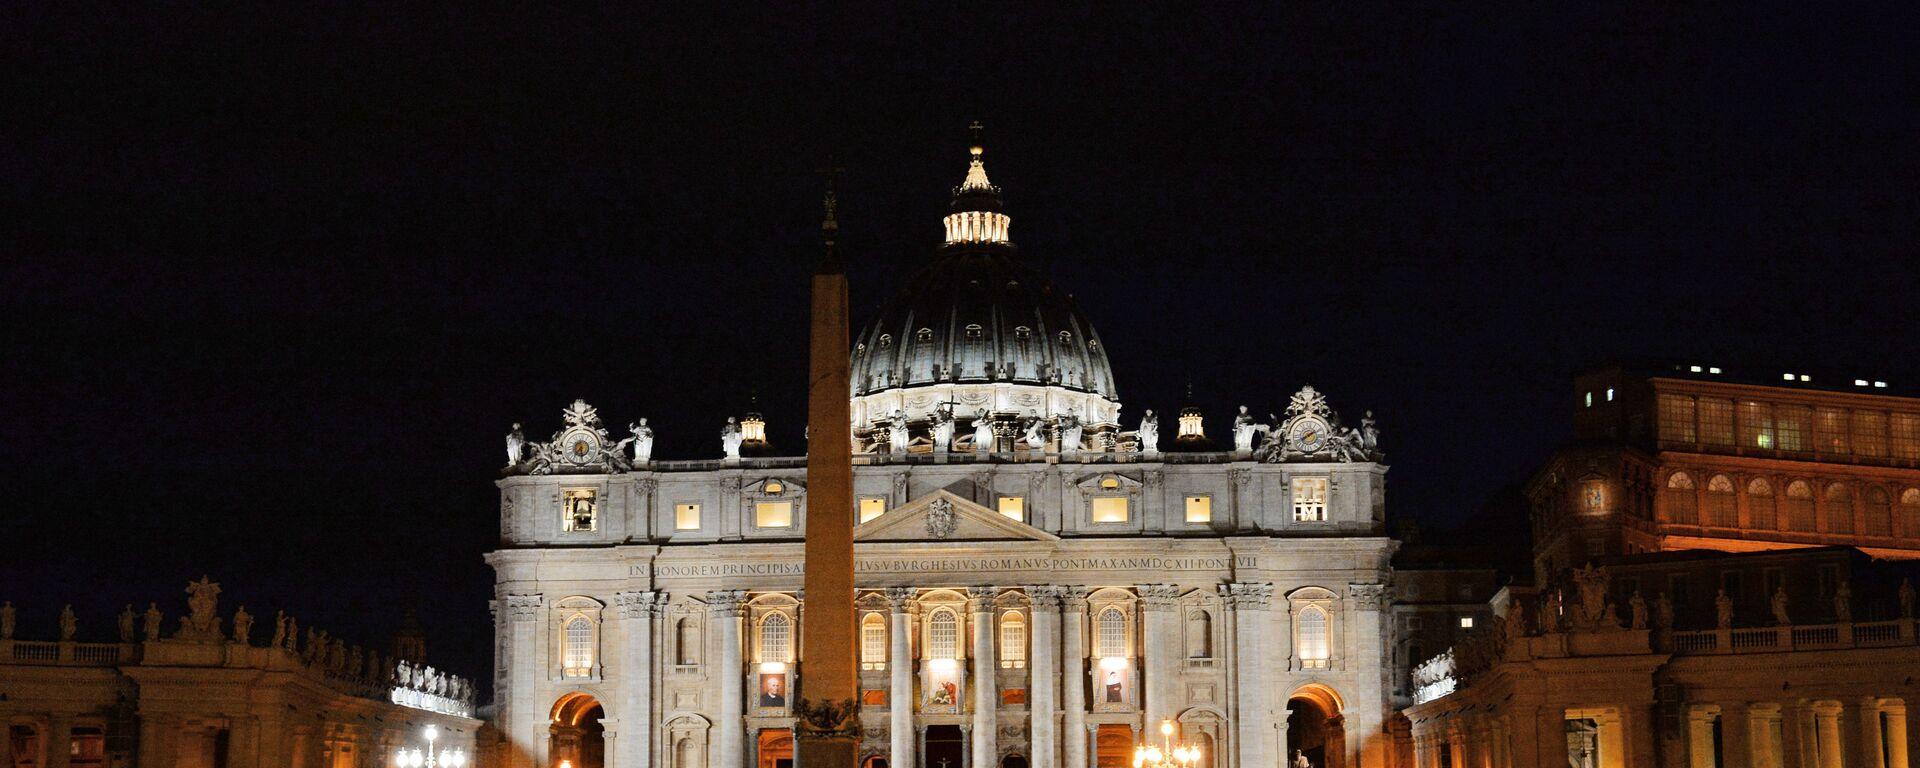 Vaticano - Sputnik Italia, 1920, 23.06.2021